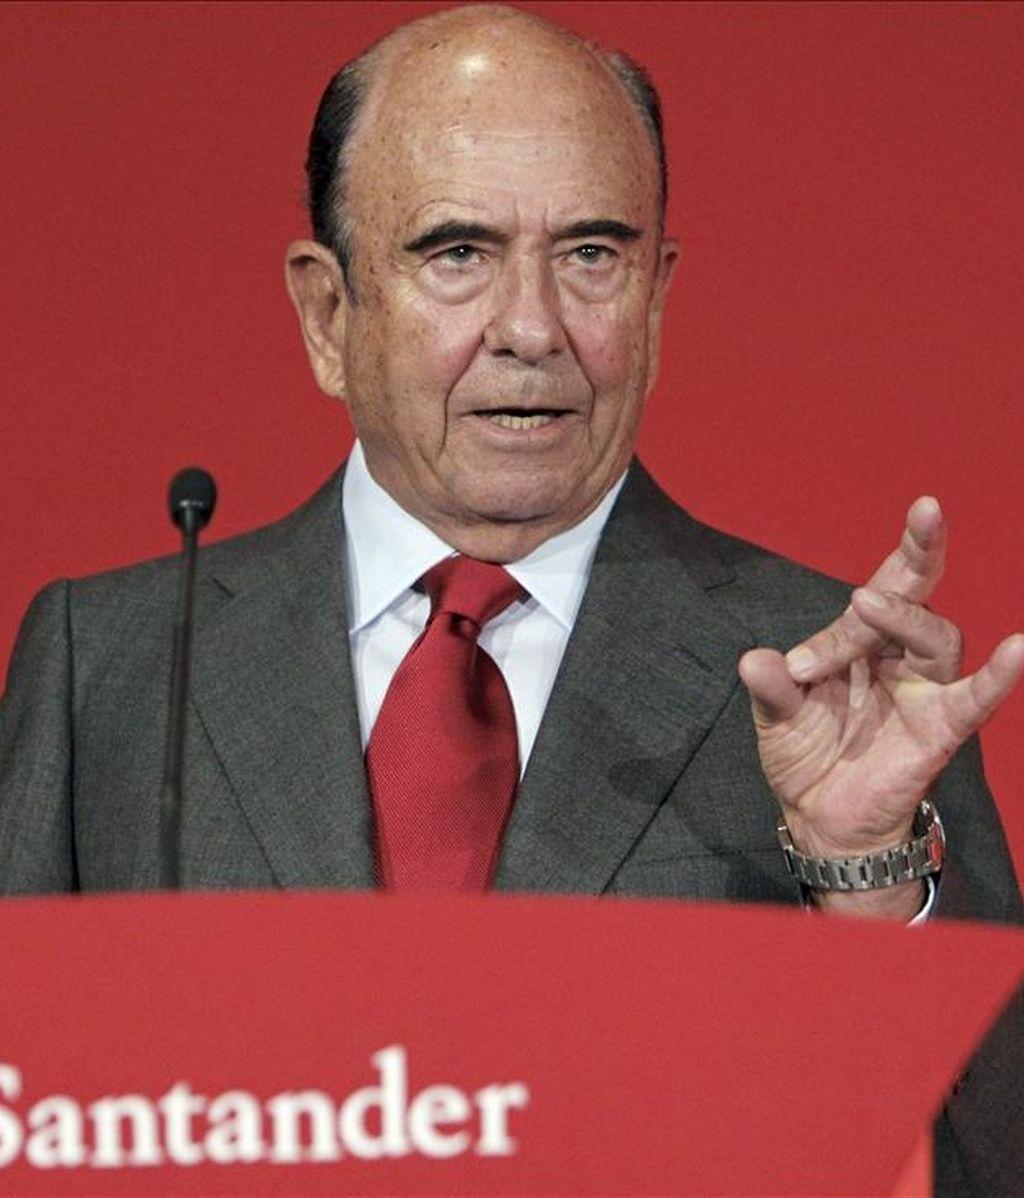 El presidente del Grupo Santander, Emilio Botín. EFE/Archivo